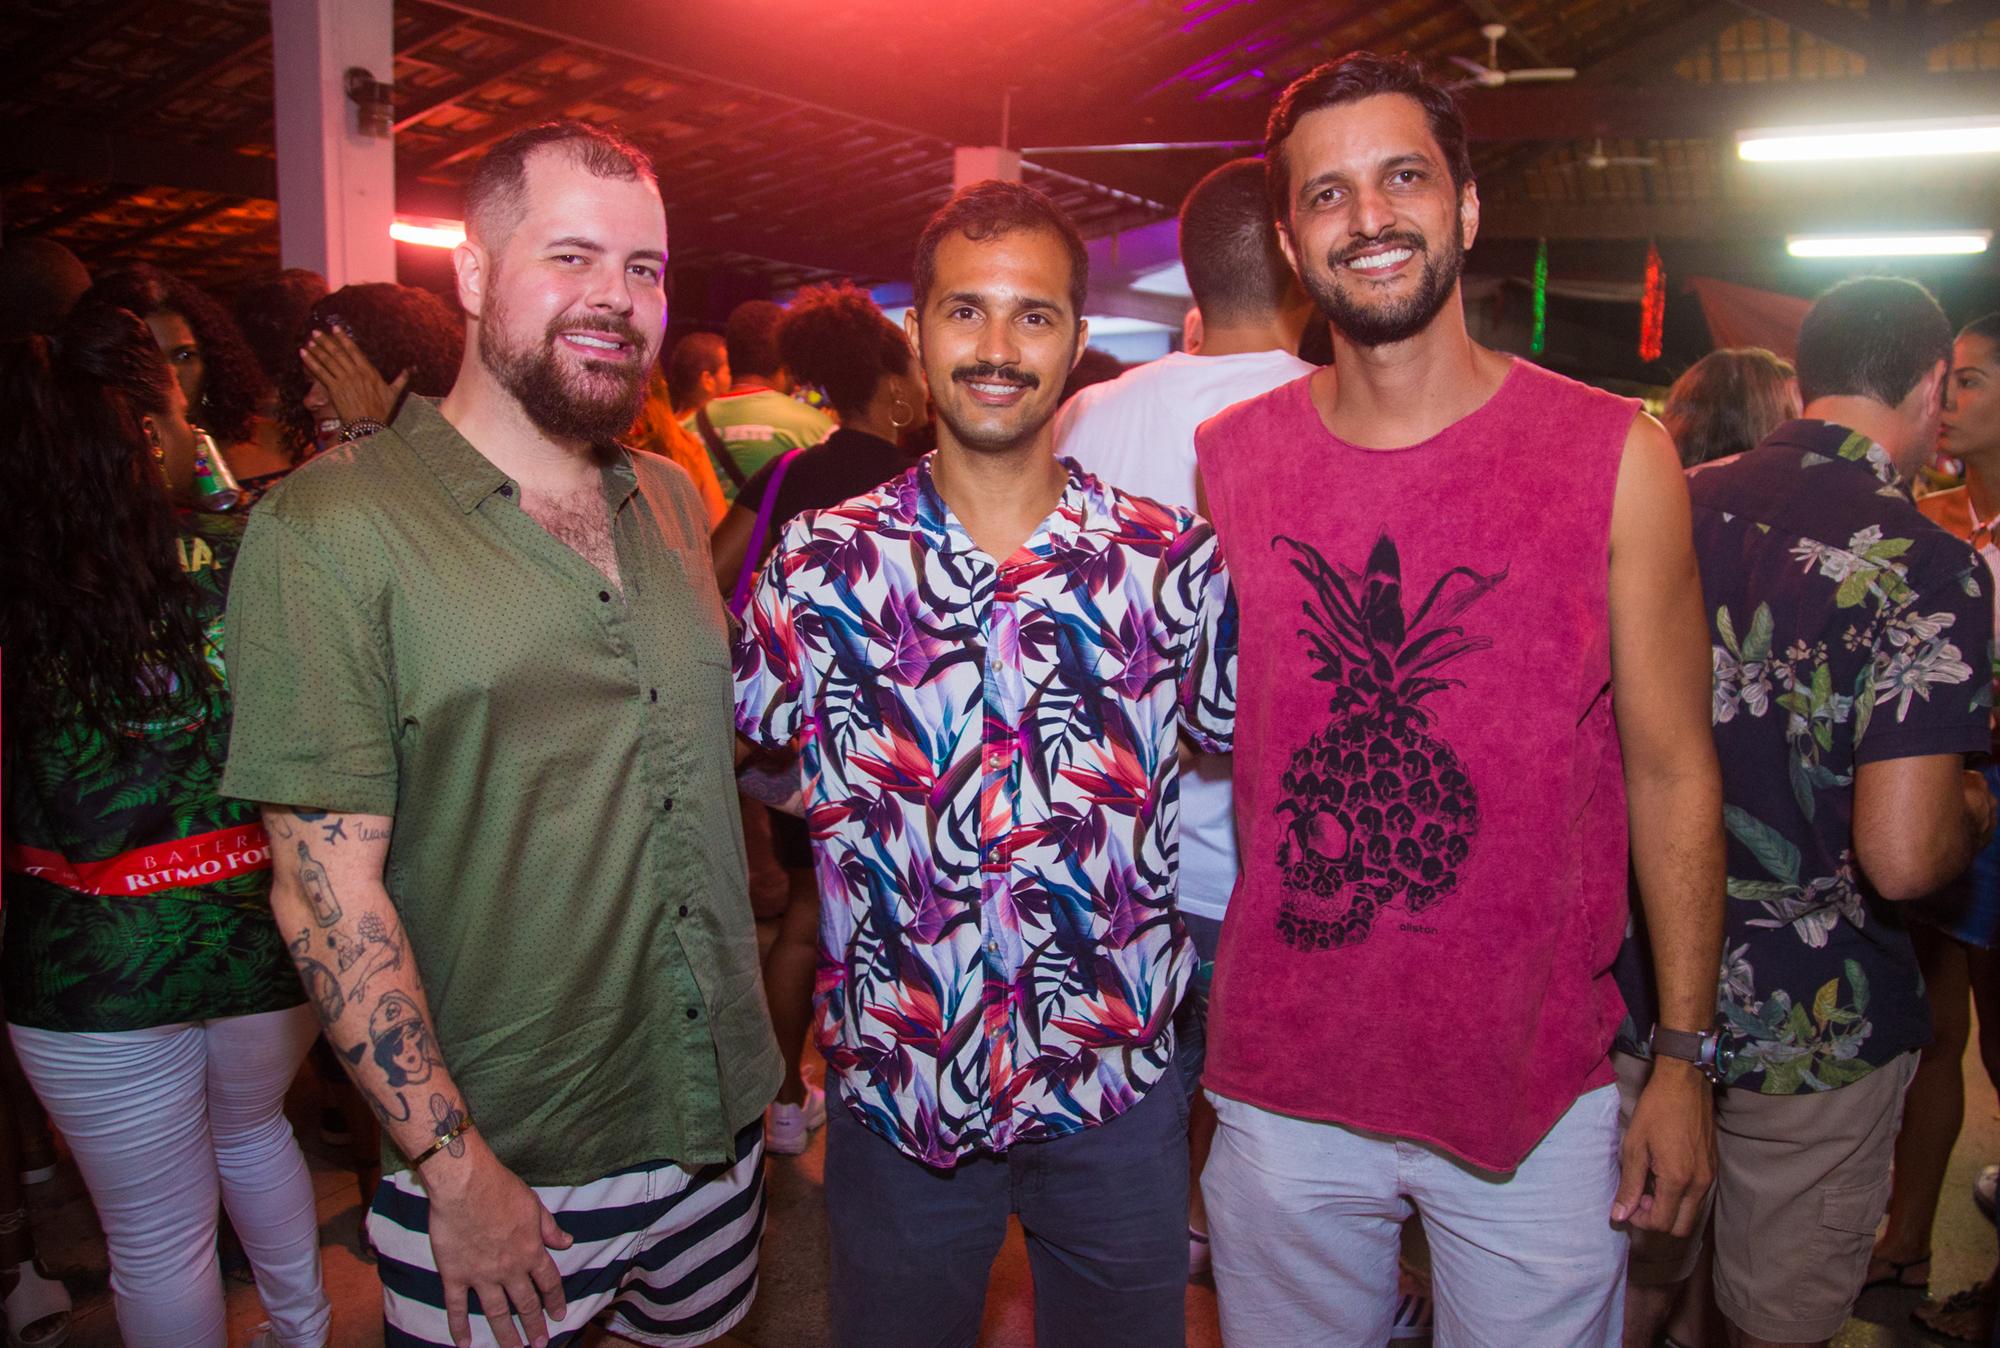 Dudu Altoé, Bruno Lima e Pedro Sacramento na festa Esquenta, no Álvares Cabral. Foto: Bruno Leão